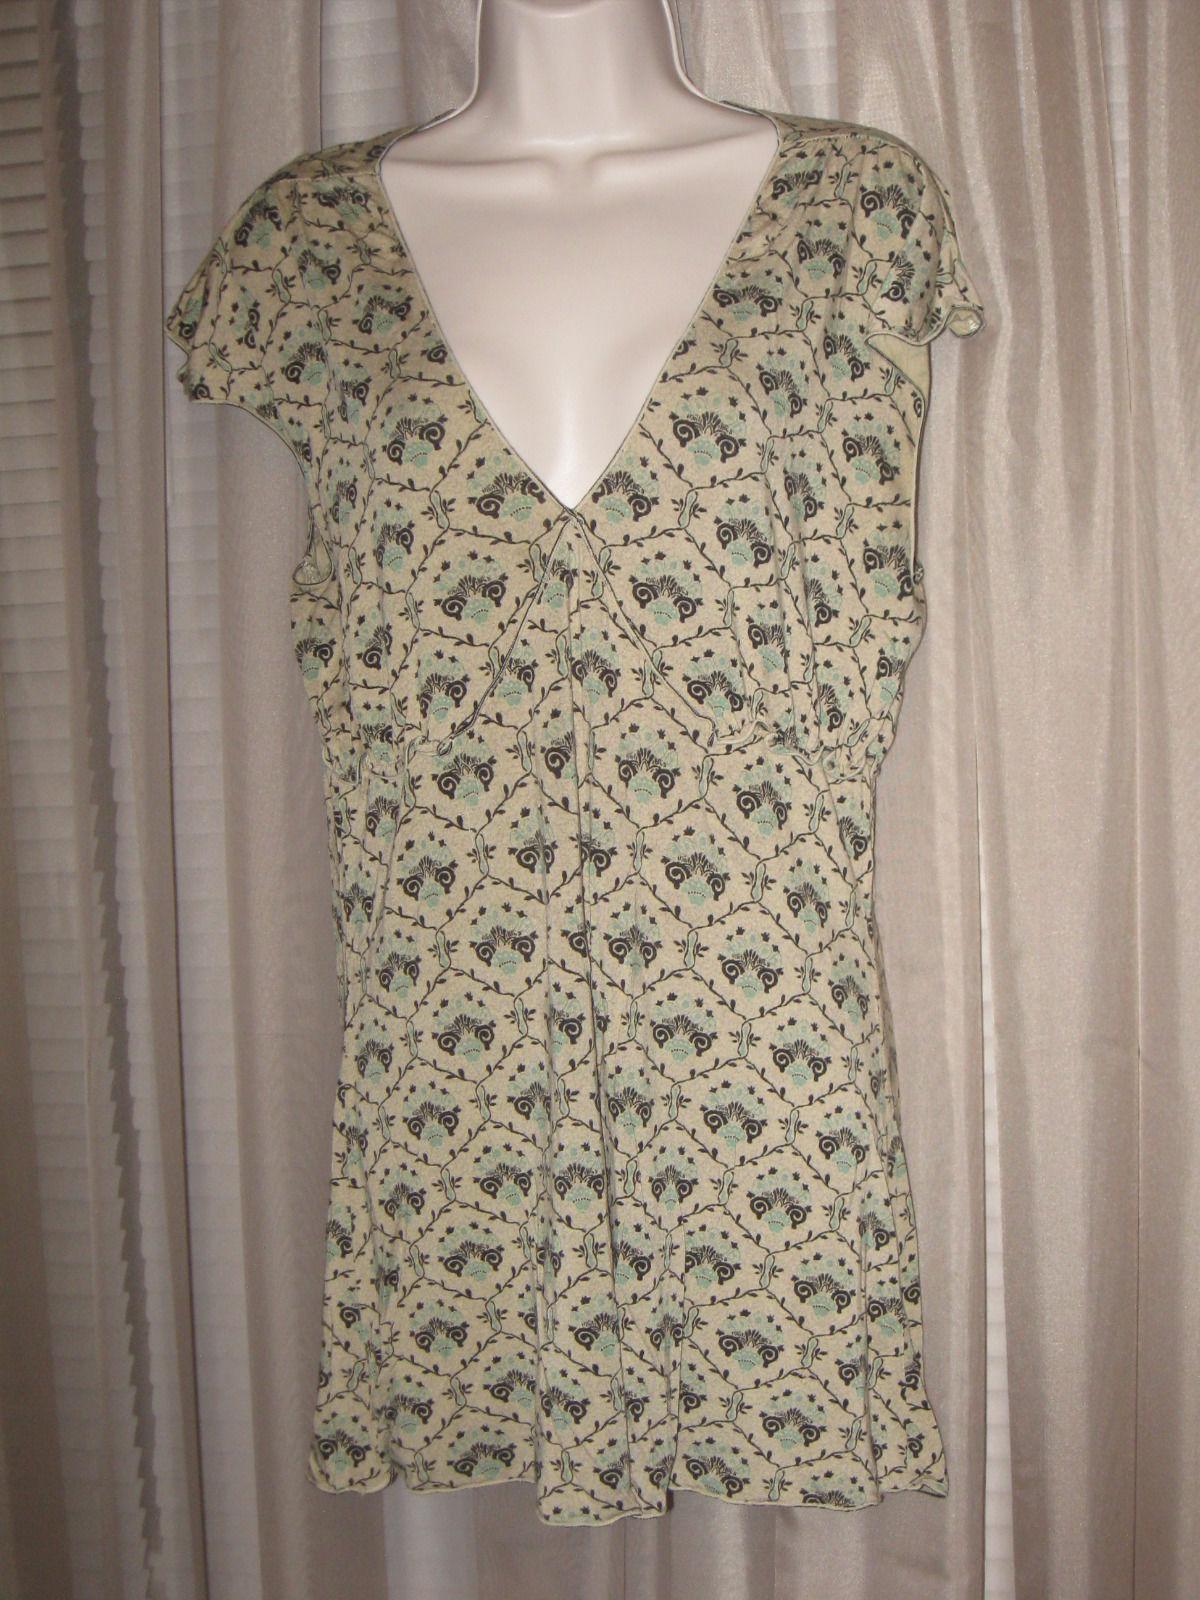 e7f37a9244894 S l1600. S l1600. Previous. Max Studio Medium Womens Green Floral Short Sleeve  V-Neck Long Summer Top